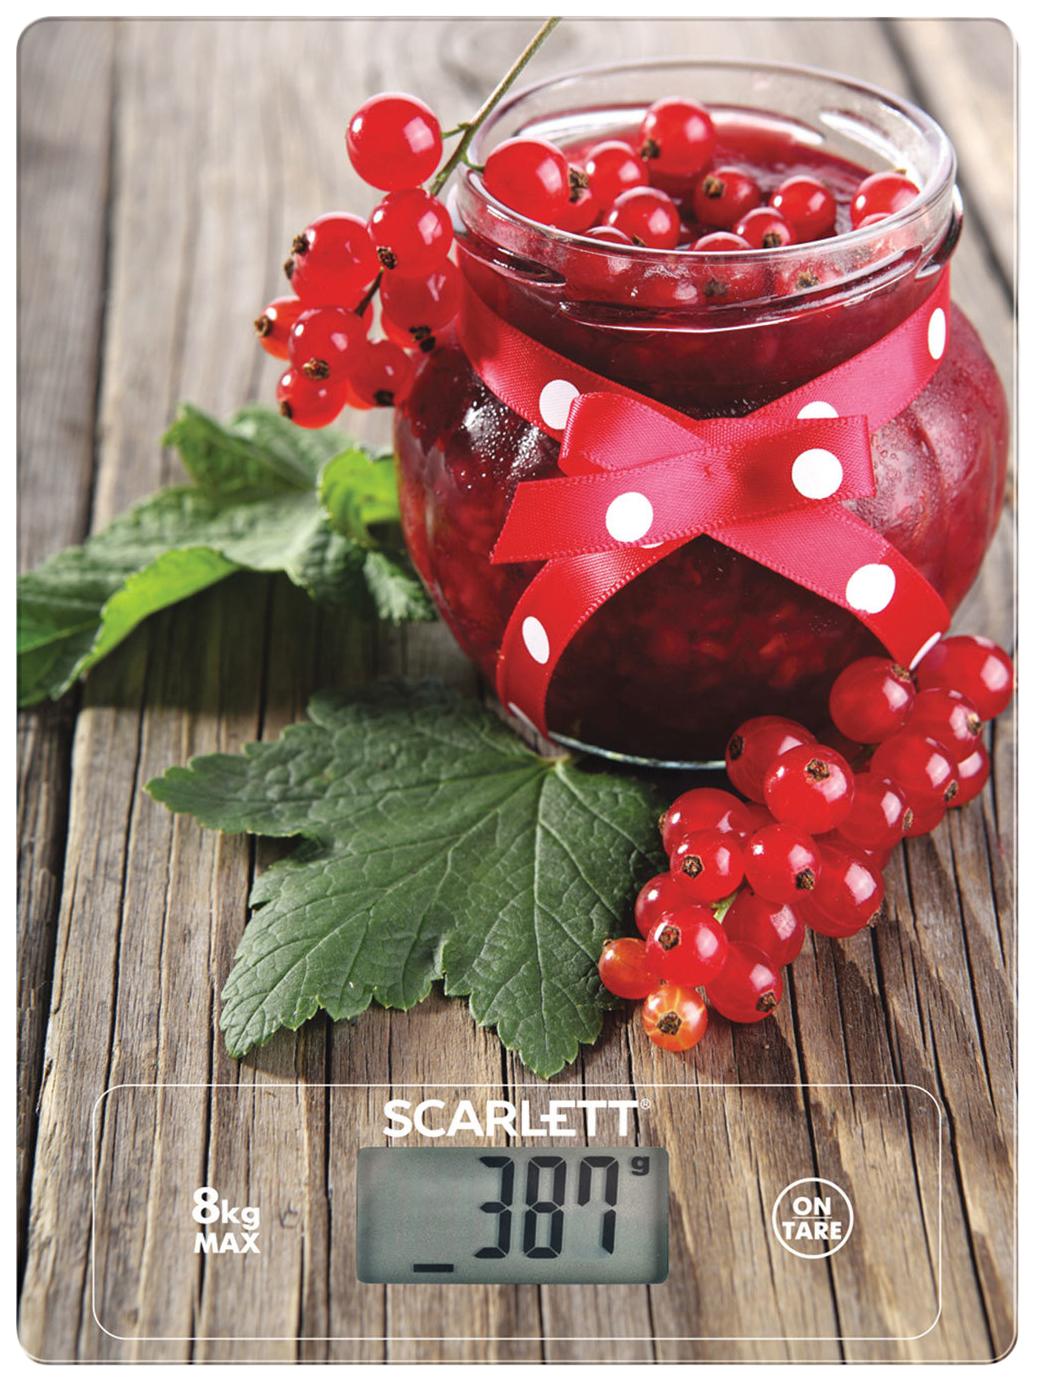 SCARLETT SC-KS57P36